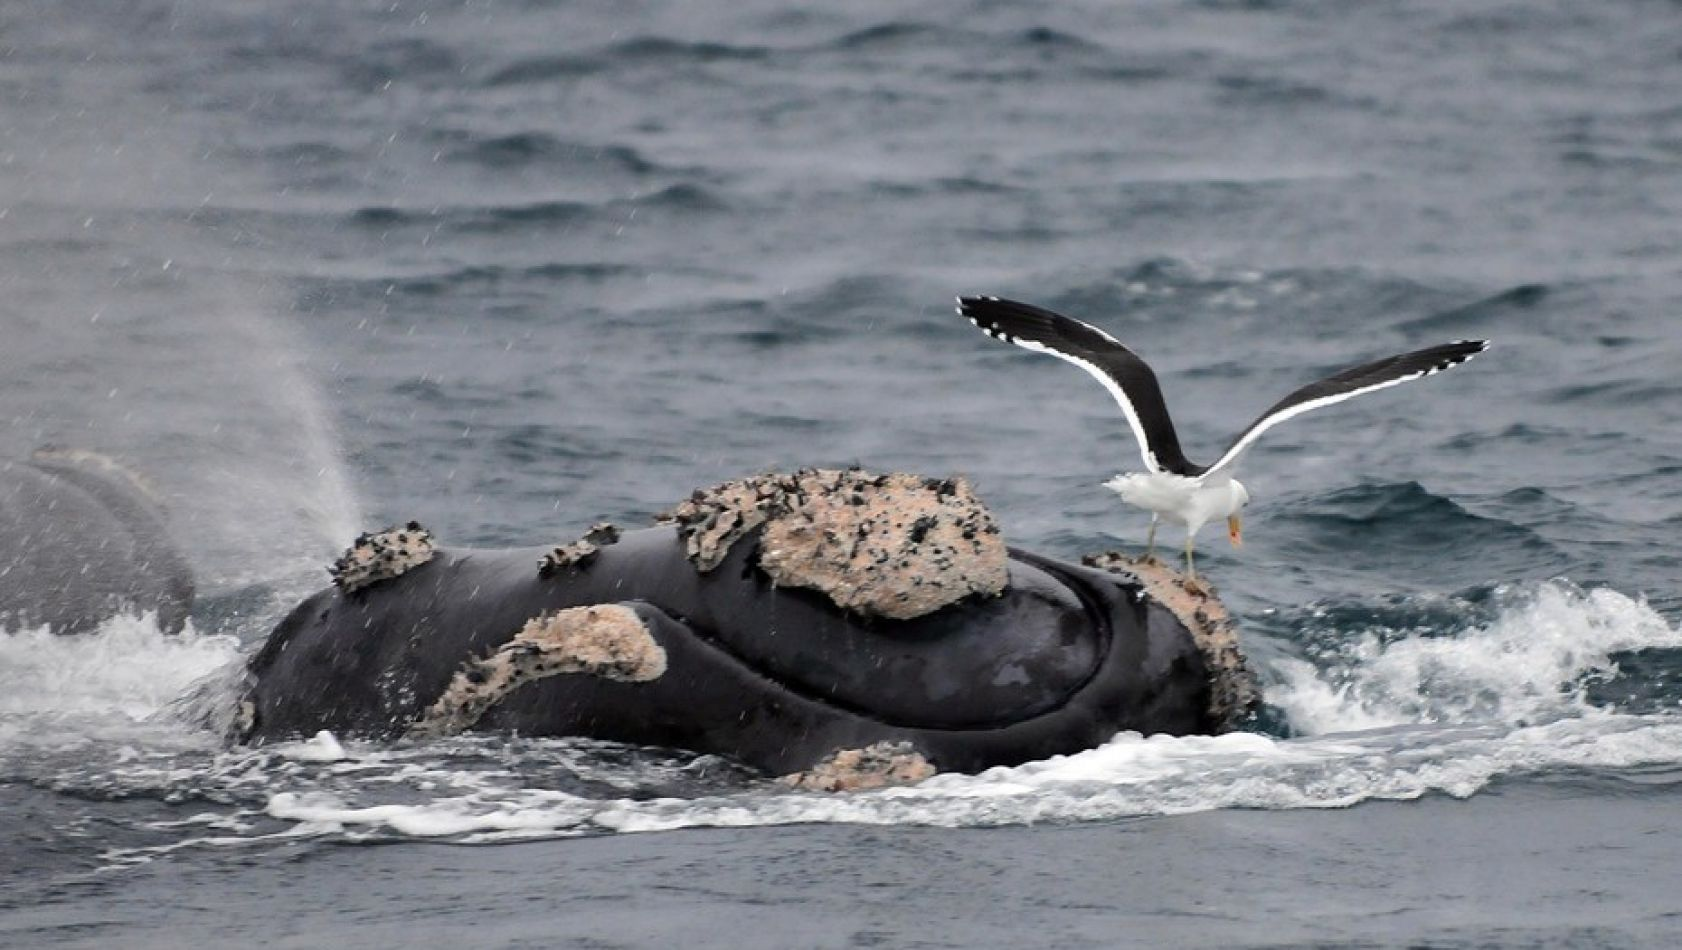 Las gaviotas cocineras pican el lomo de las ballenas para comer la grasa viva. Eso genera cambios peligrosos en los hábitos de la especie.